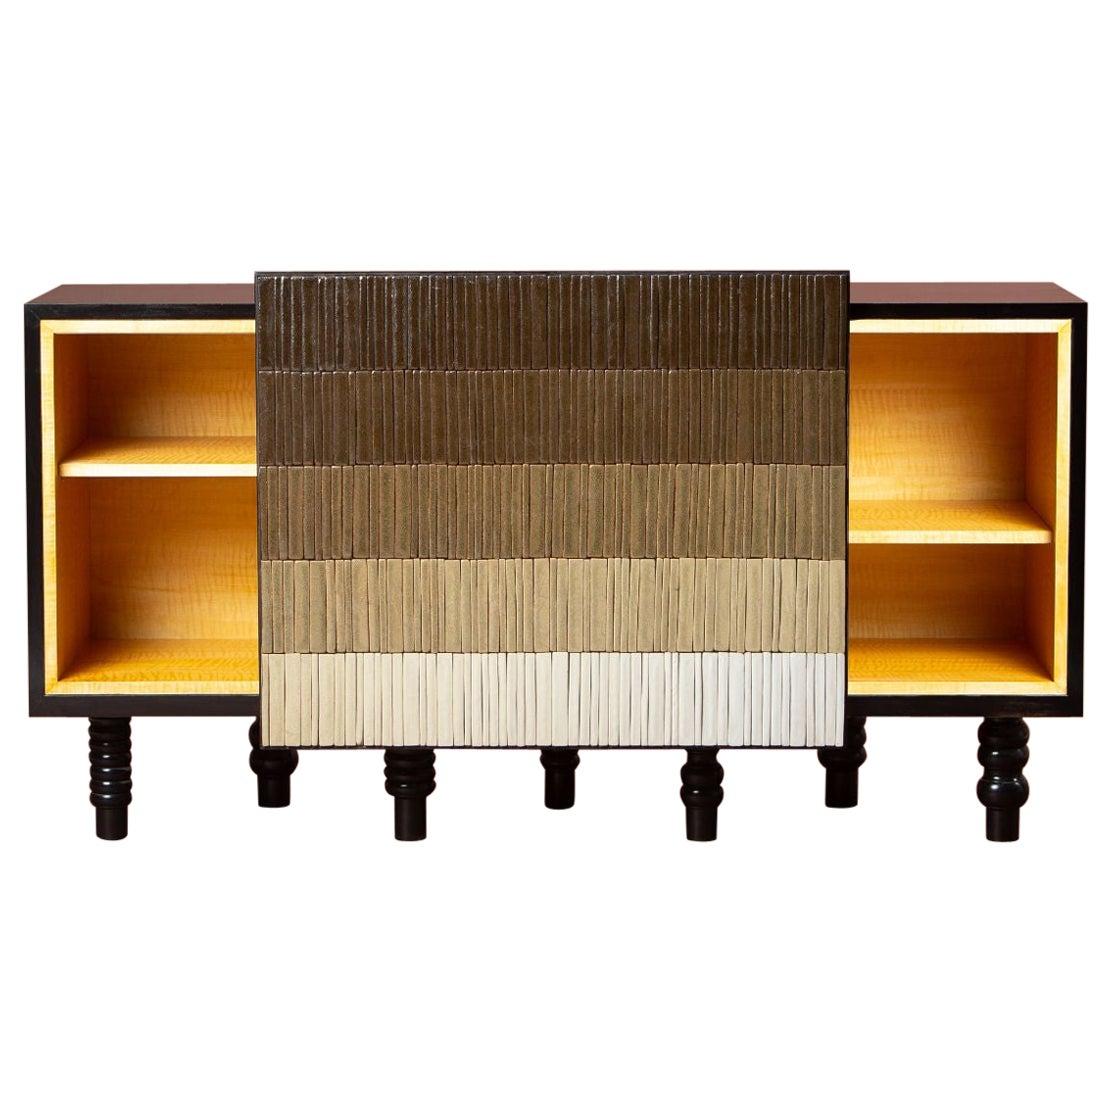 Gradient Cabinet, Brown by Milan Pekař, Jakub Vávra